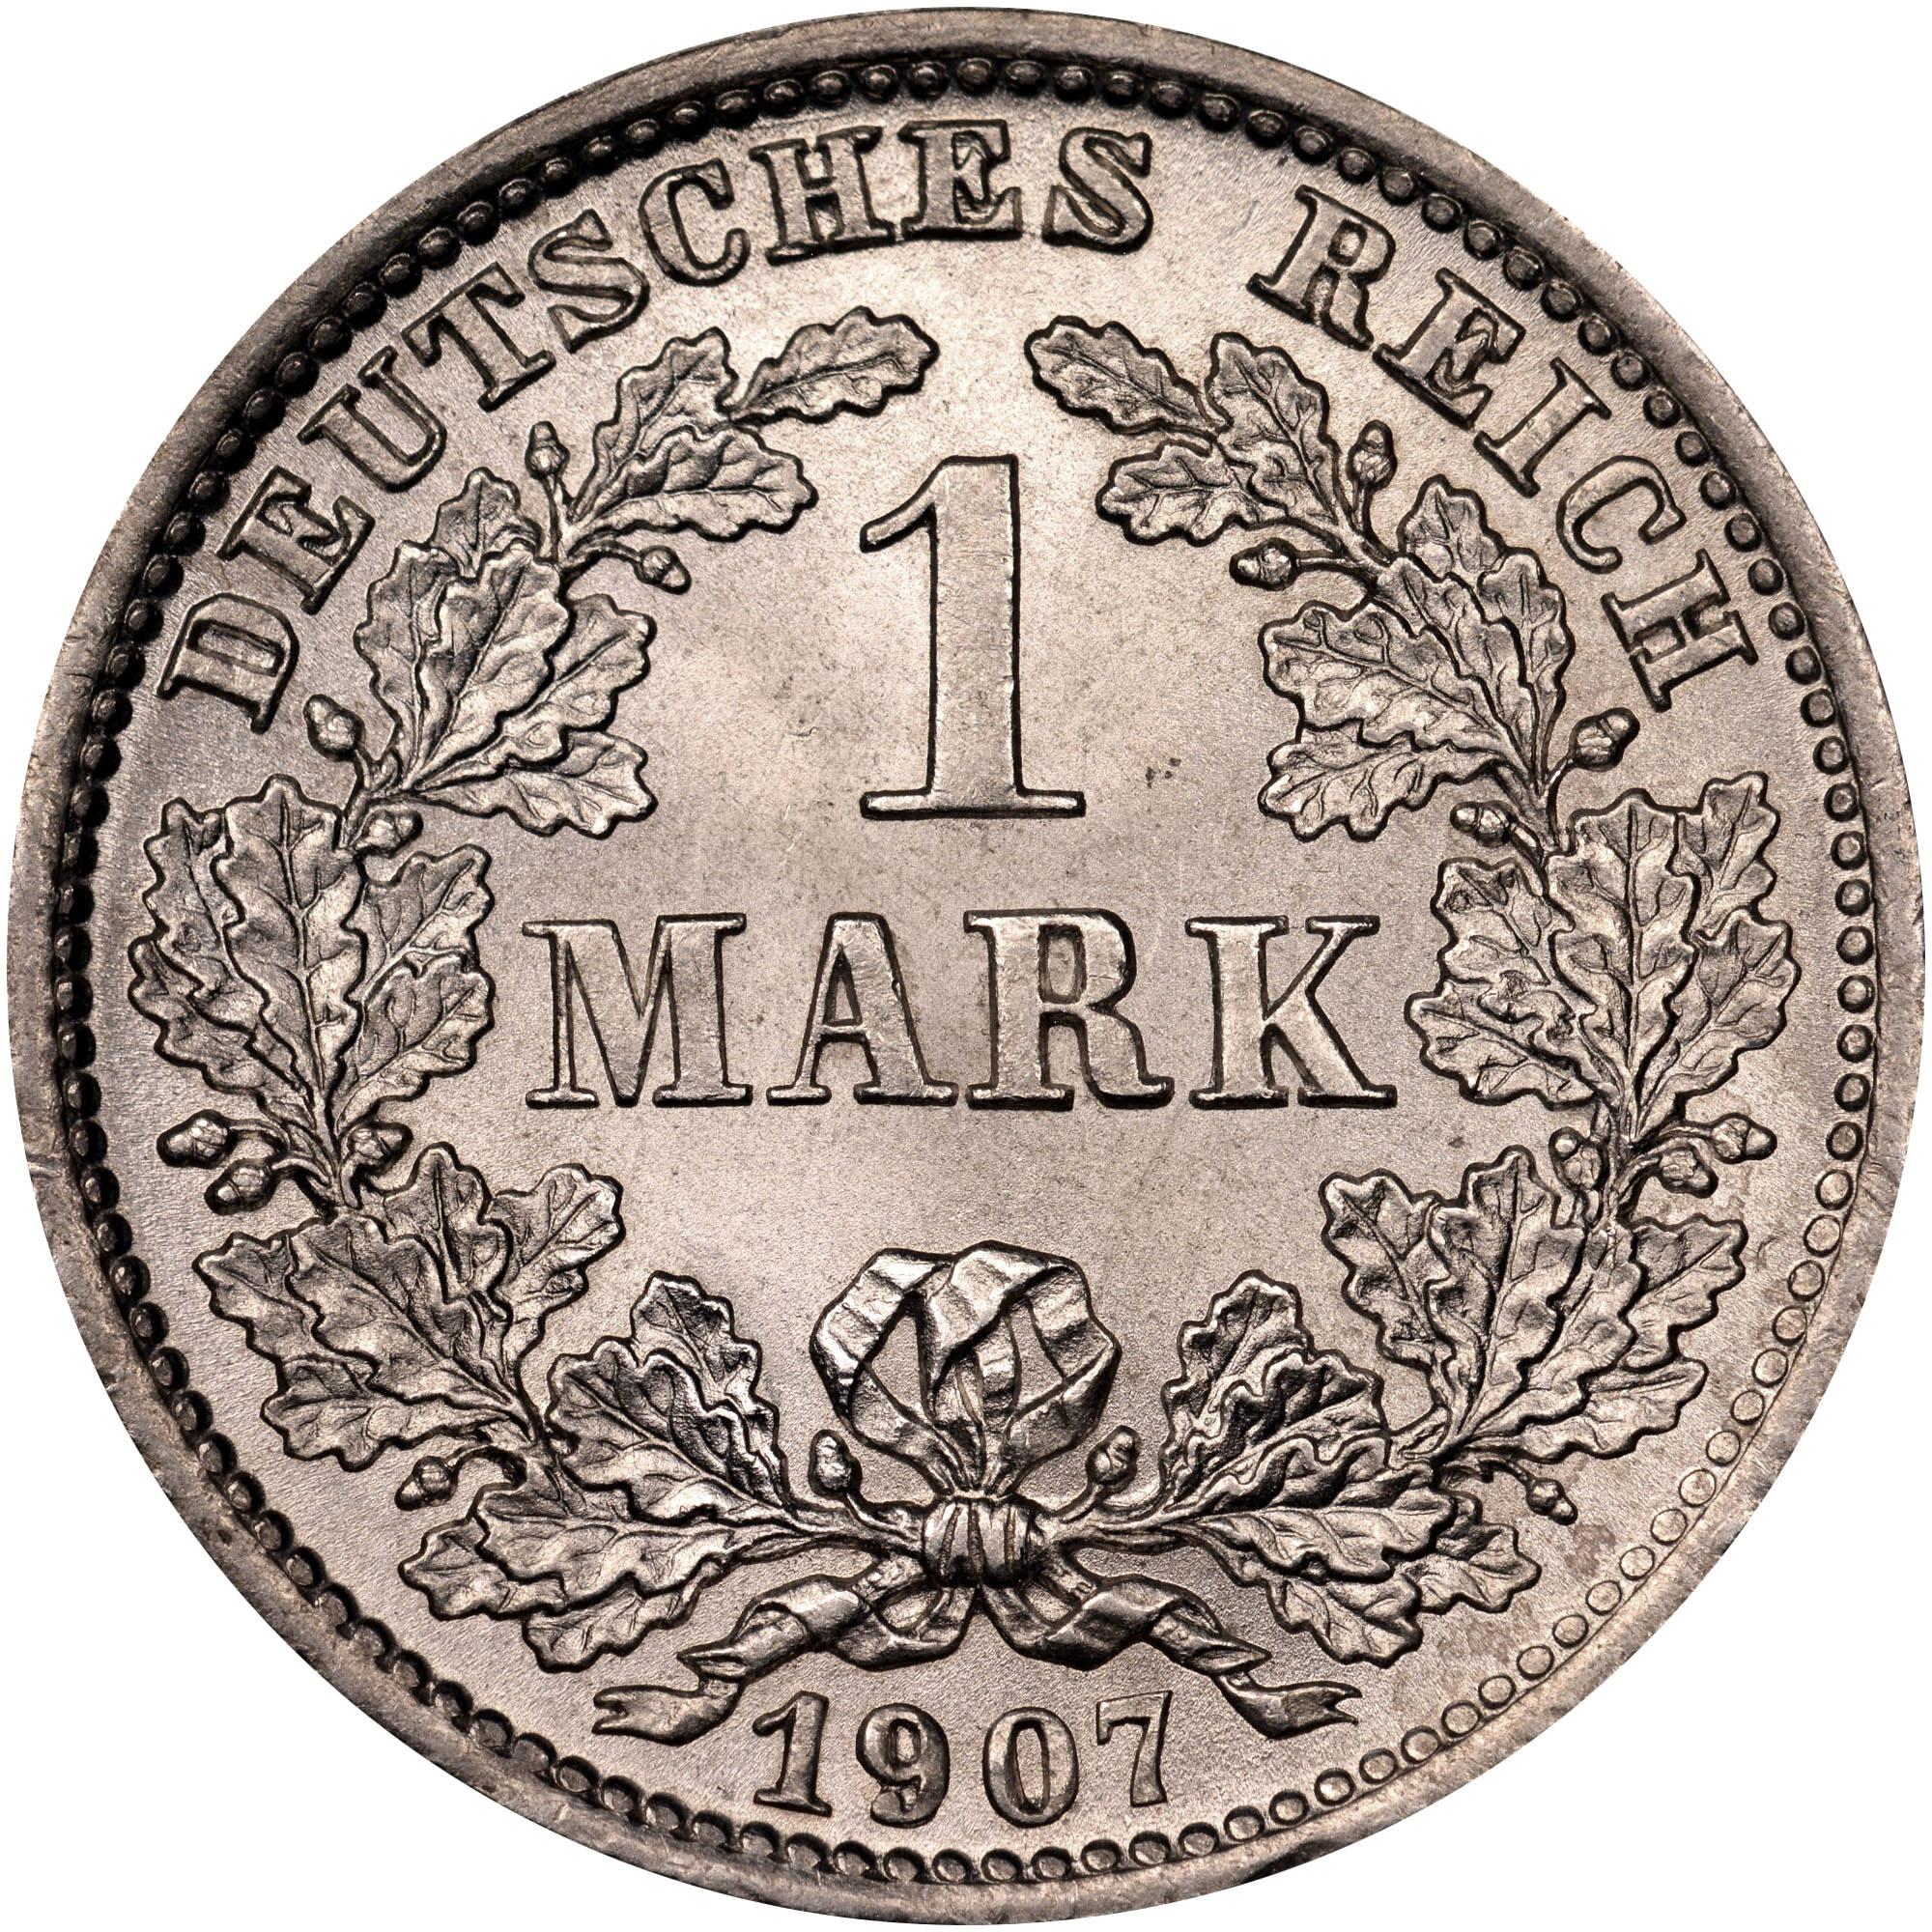 Germany - Empire Mark obverse